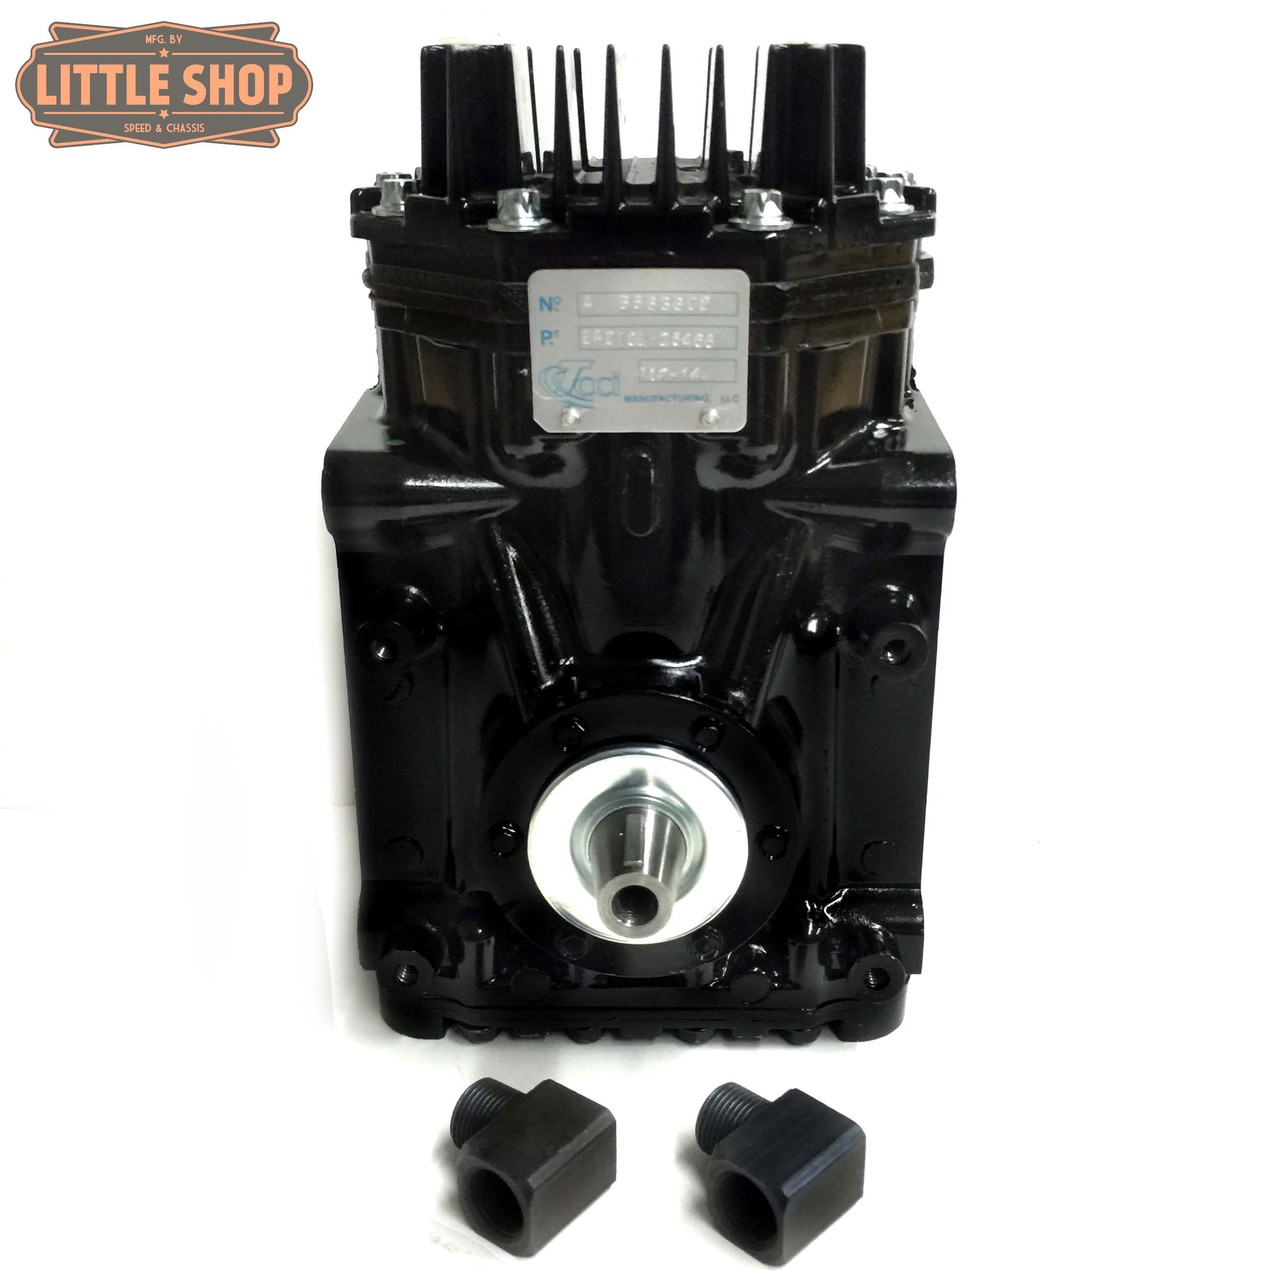 LSMFG-LS-SLM 99'-13' GM 4.8, 5.3, 6.0, 6.2 LS Engine Driven Compressor Kit (same kit as EDC kit but with upgraded SLM compressor)